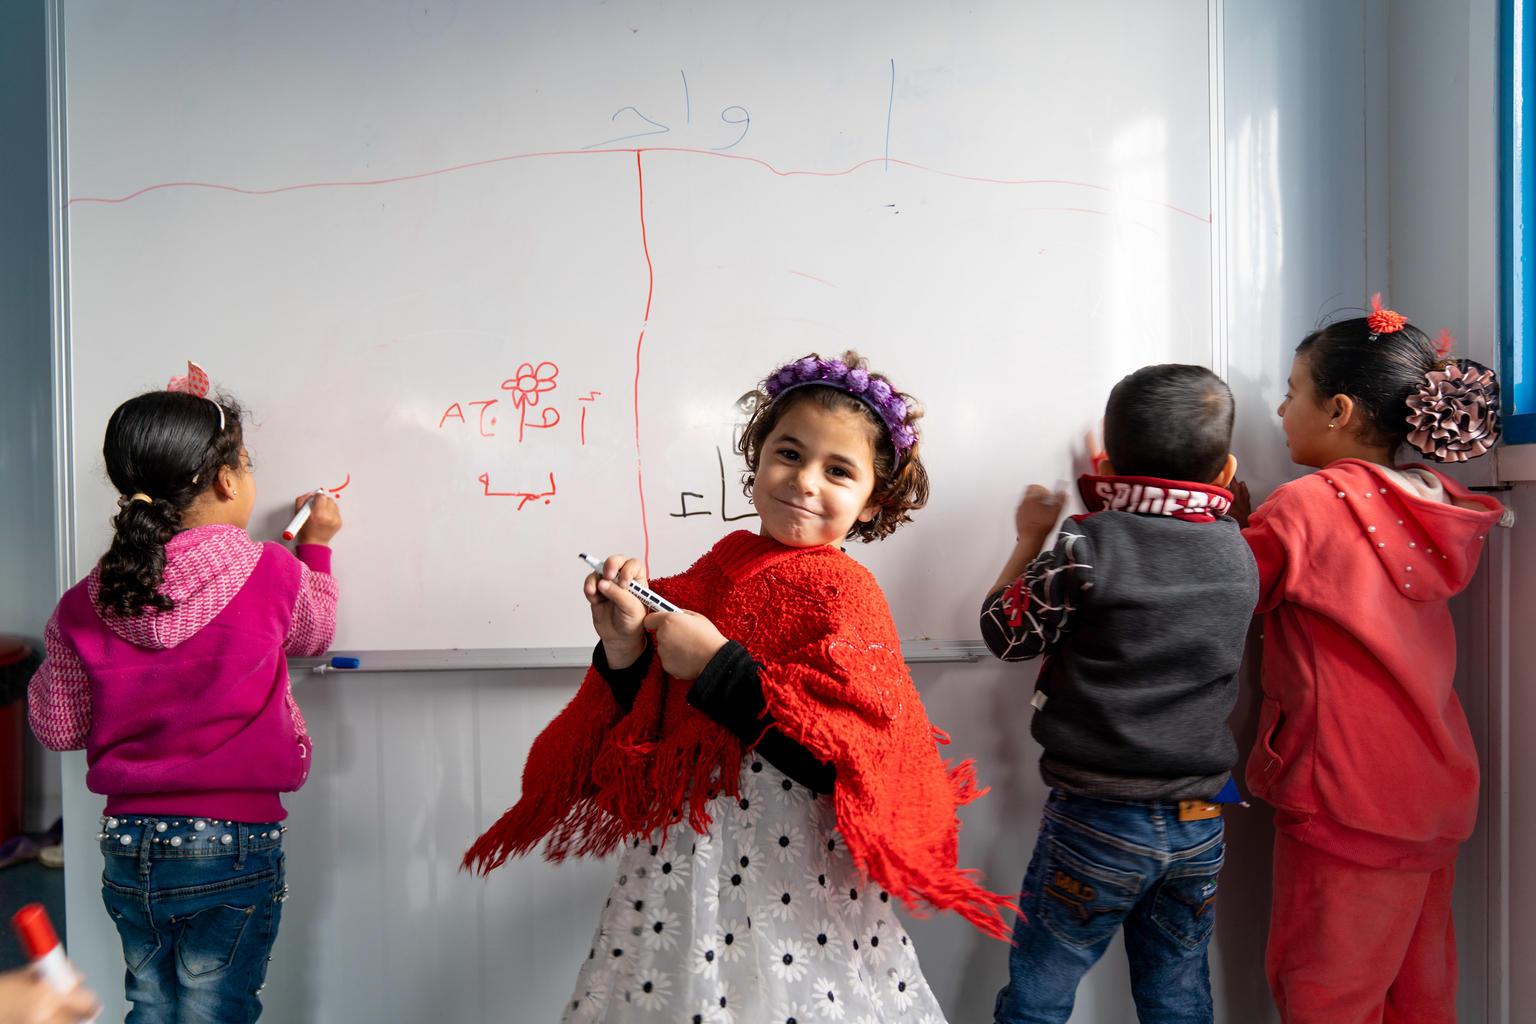 Kuusivuotias Asma käy esikoulua Za'tarin pakolaisleirillä. Asma luokkakavereineen kuuluu Jordaniassa ensimmäiseen pakolaisleirillä syntyneeseen sukupolveen.  Mahdollisuus koulunkäyntiin on äärimmäisen tärkeää lasten tulevaisuuden sekä päivittäisen rutiinin ja traumoista parantumisen kannalta.   UNICEF tukee Jordanian hallitusta pakolaisleirillä elävien lasten koulutuksessa. Azraqin ja Za'tarin leirille avattiin 54 uutta päiväkotia, joissa 4000 pakolaisleirillä elävää lasta pääsee esikouluopetuksen UNICEFin rakentamissa ja varustamissa luokkahuoneissa. Kuva: ©UNICEF/UN0297825/Herwig